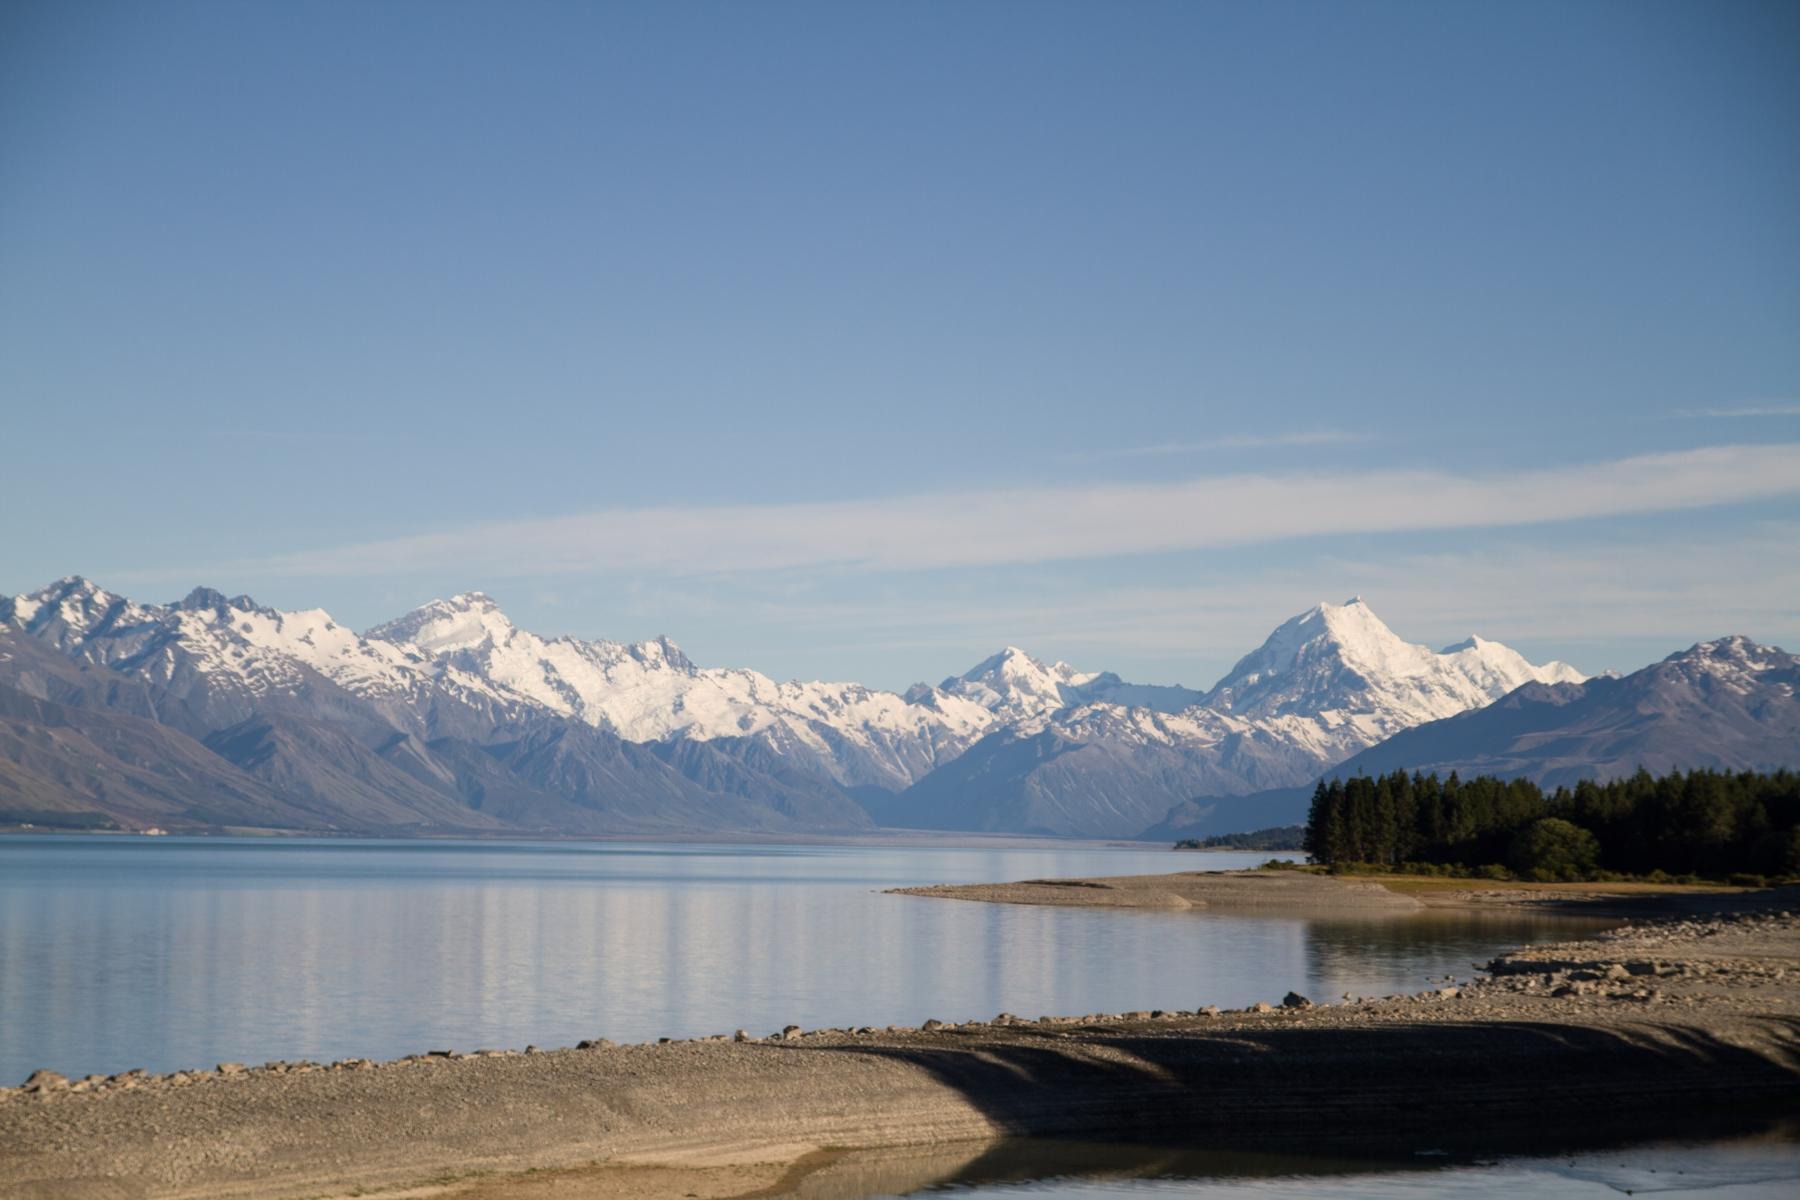 Lake Pukaki to Lindis Valley